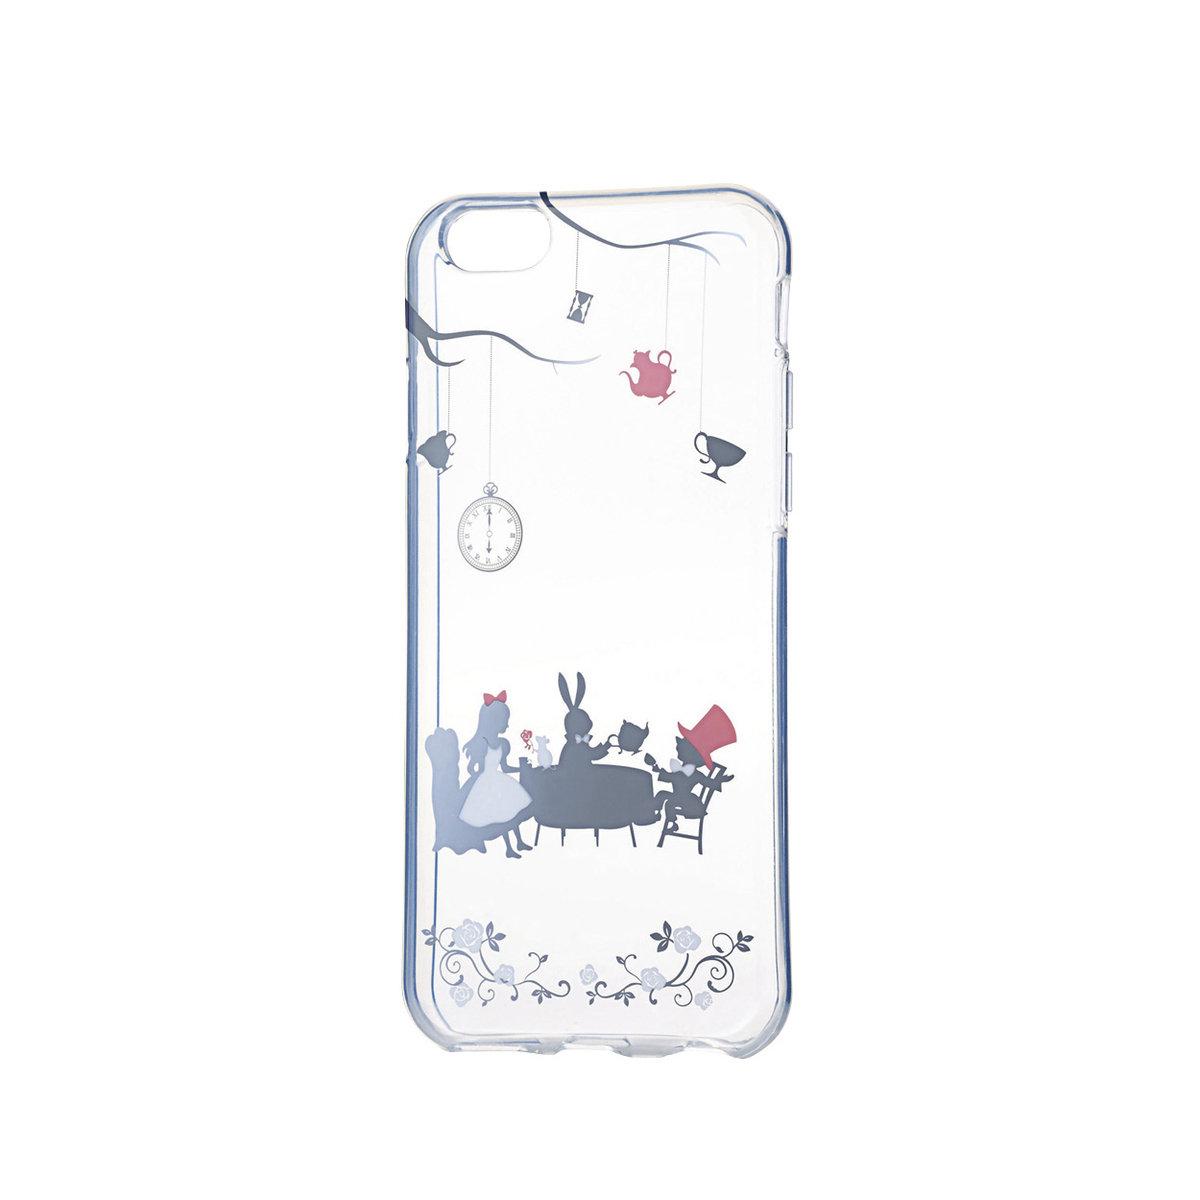 iPhone6/6S 少女風軟殼(銀色愛麗斯)